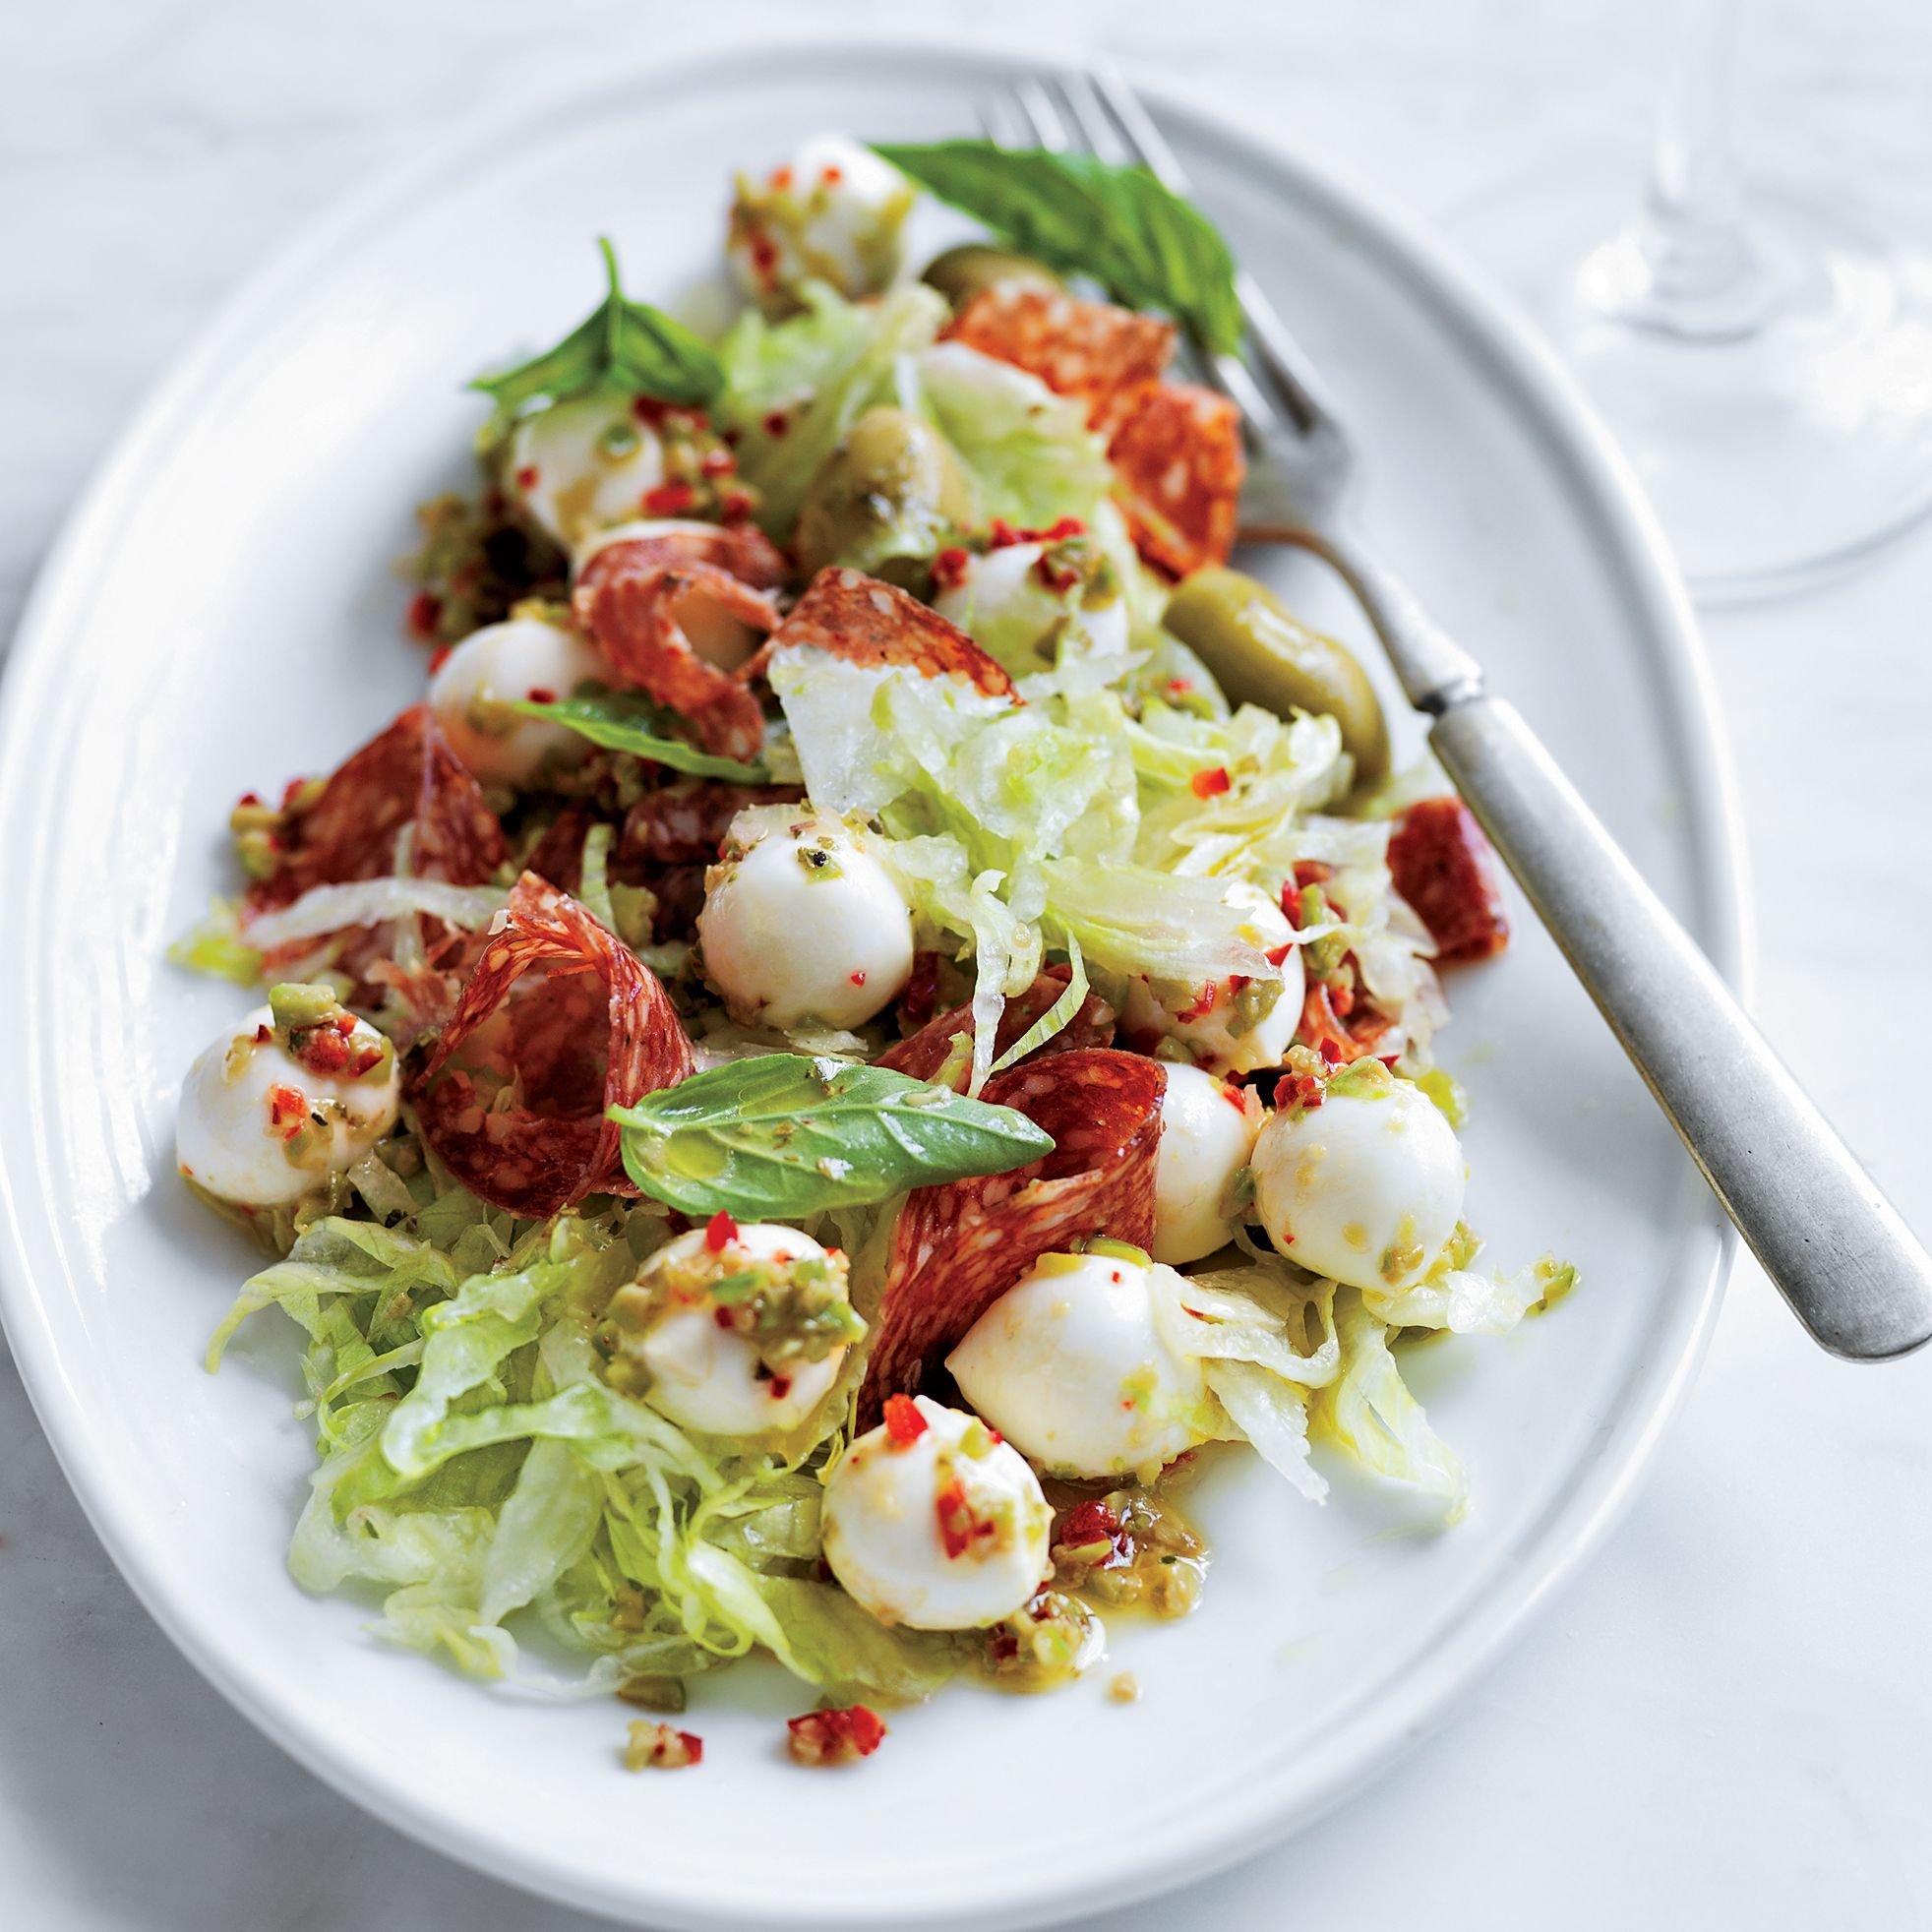 примерные цены салат итальянский рецепт с фото классический многие включают рацион